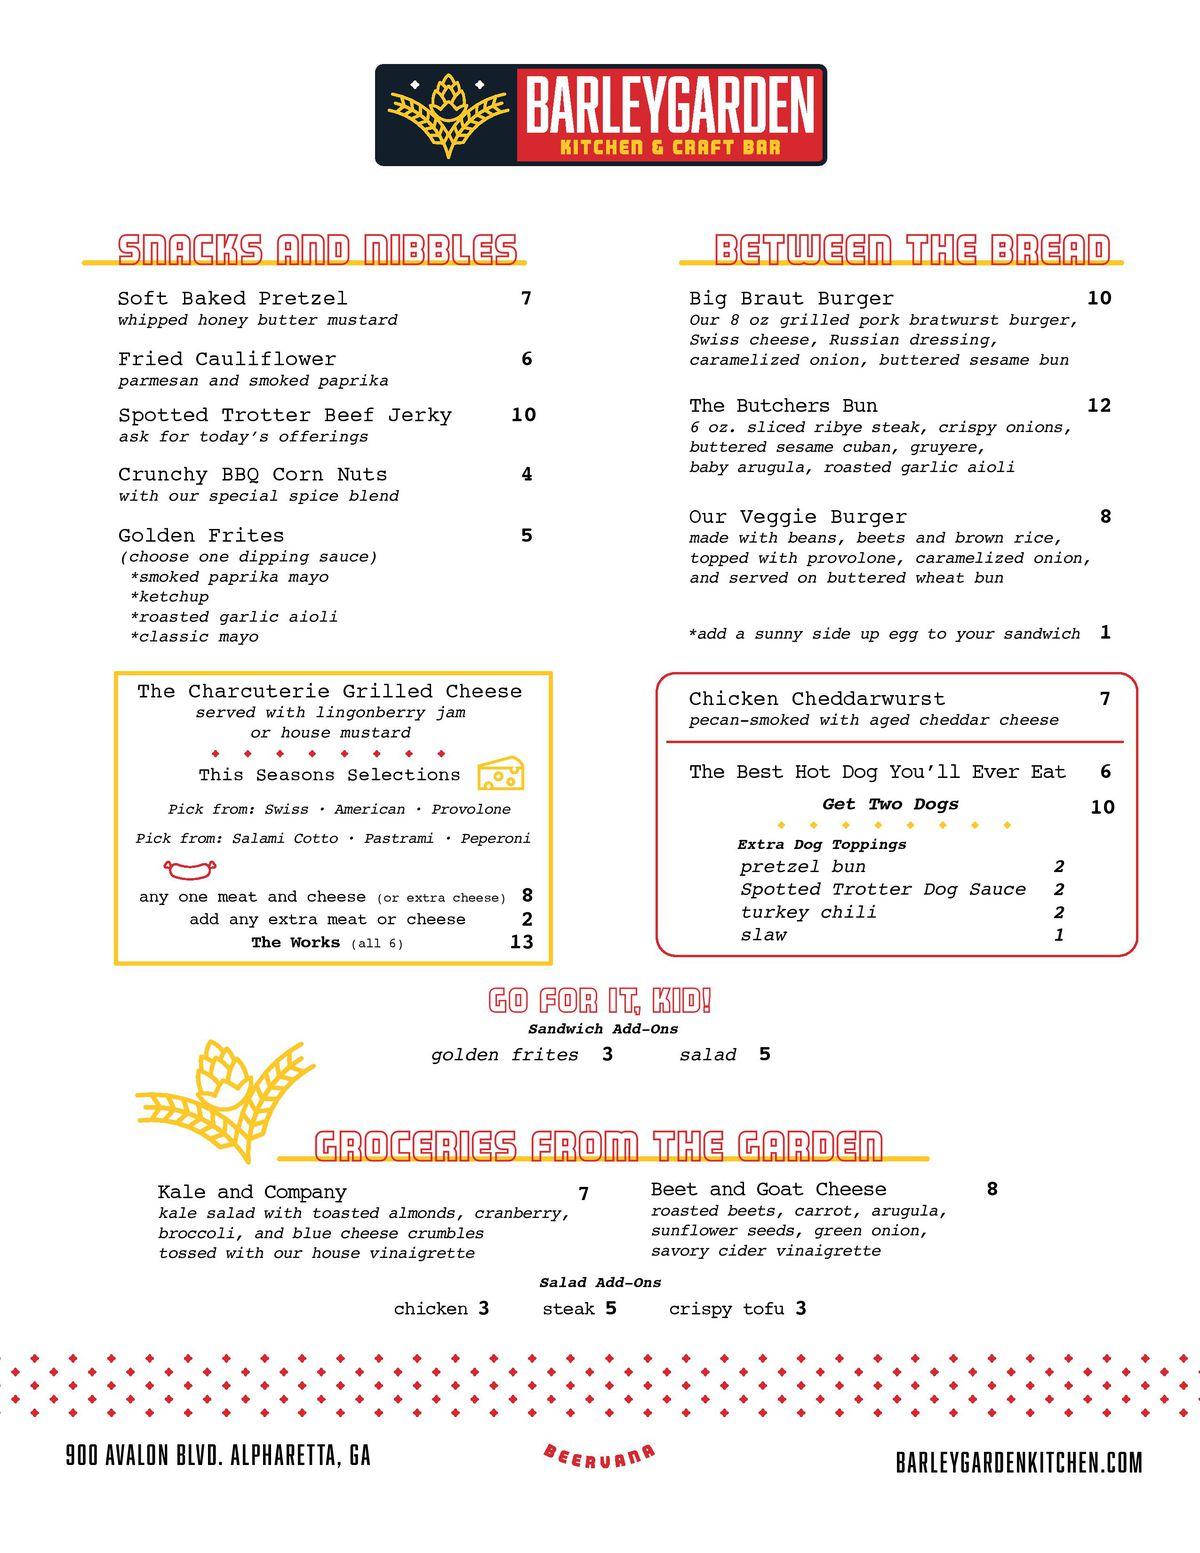 Barleygarden food menu